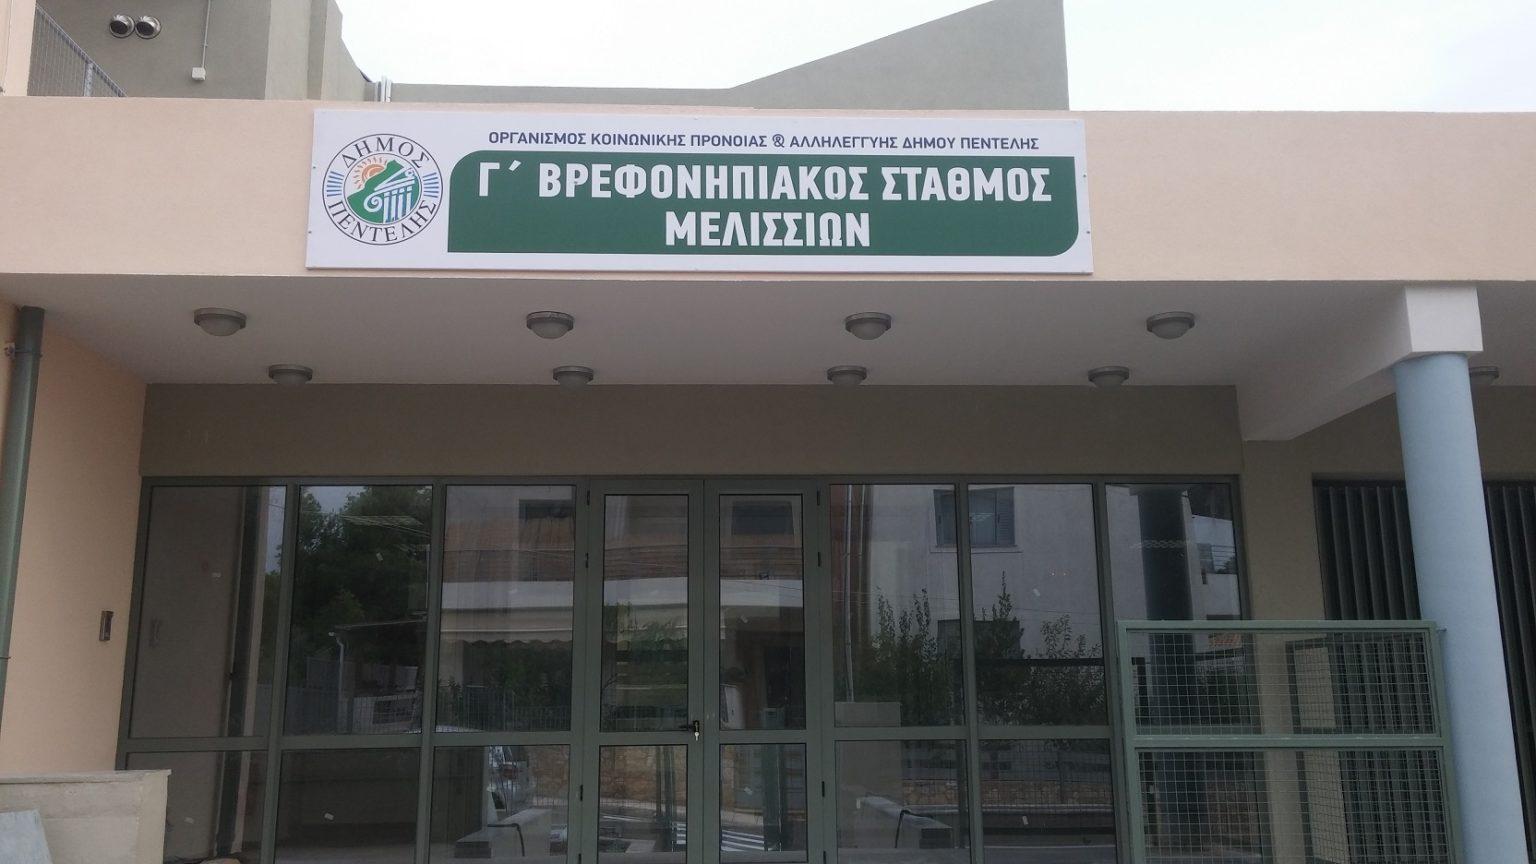 Παιδικοί Σταθμοί: Παρατείνονται μέχρι 31 Ιουλίου οι εγγραφές στο Δήμο Πεντέλης